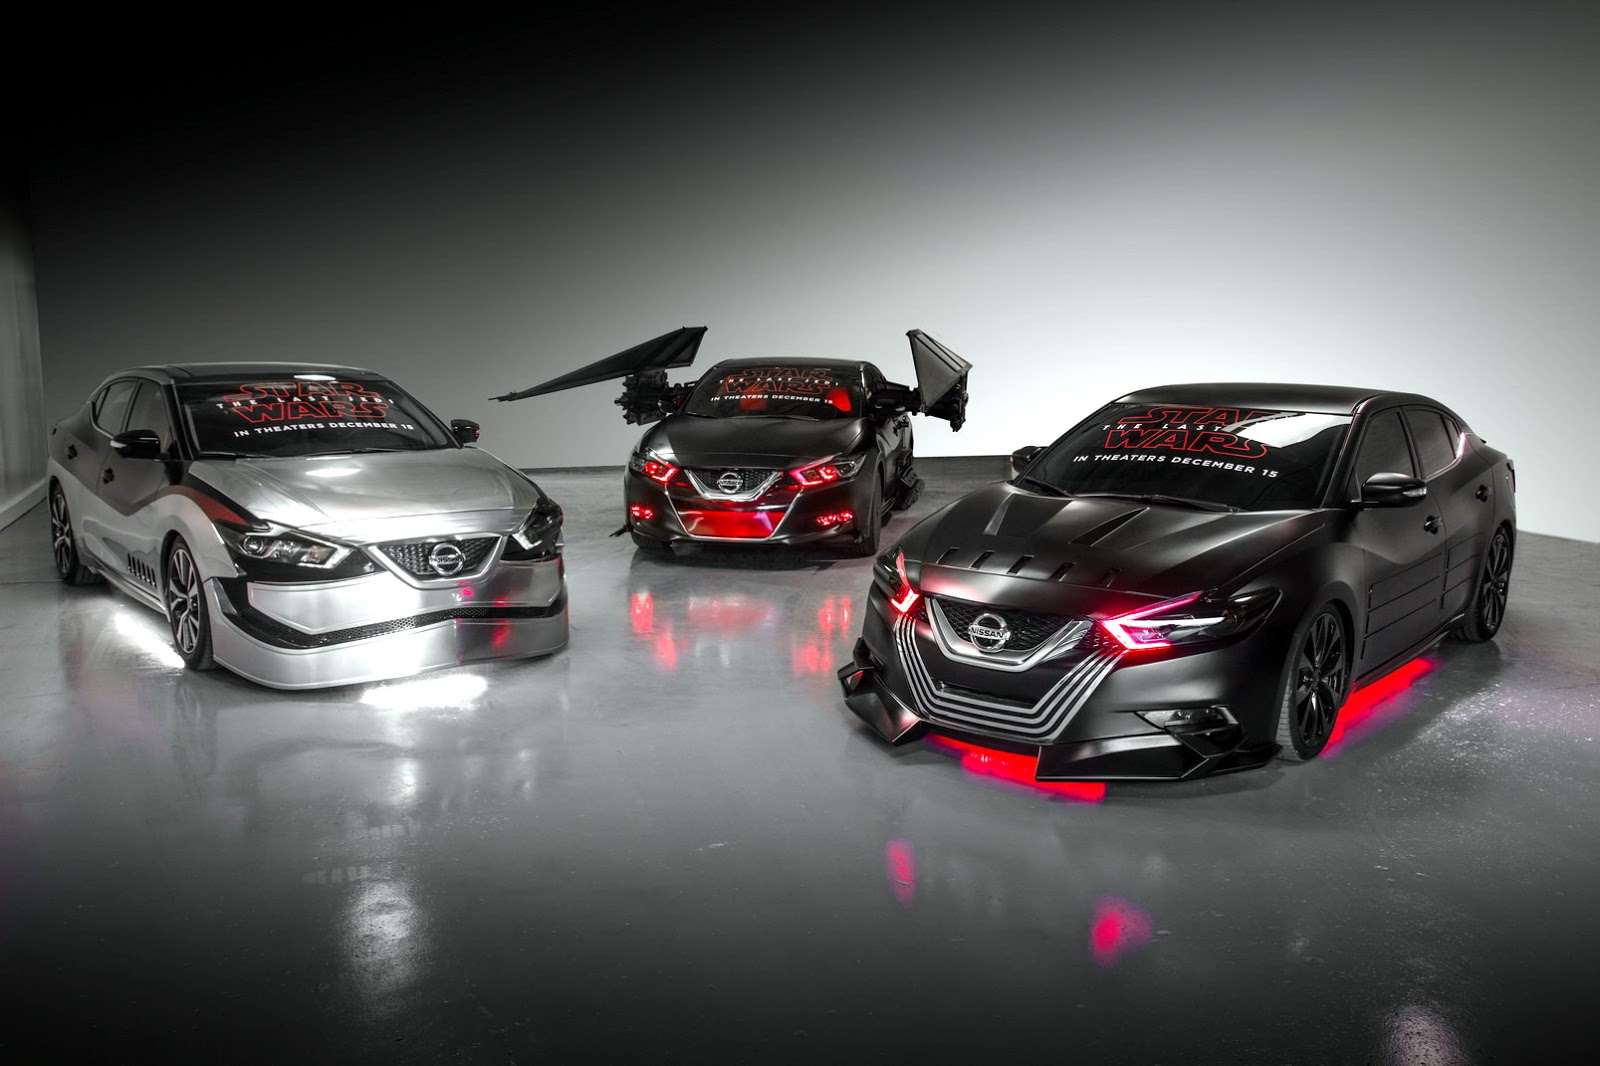 Gwiezdna gama Nissana